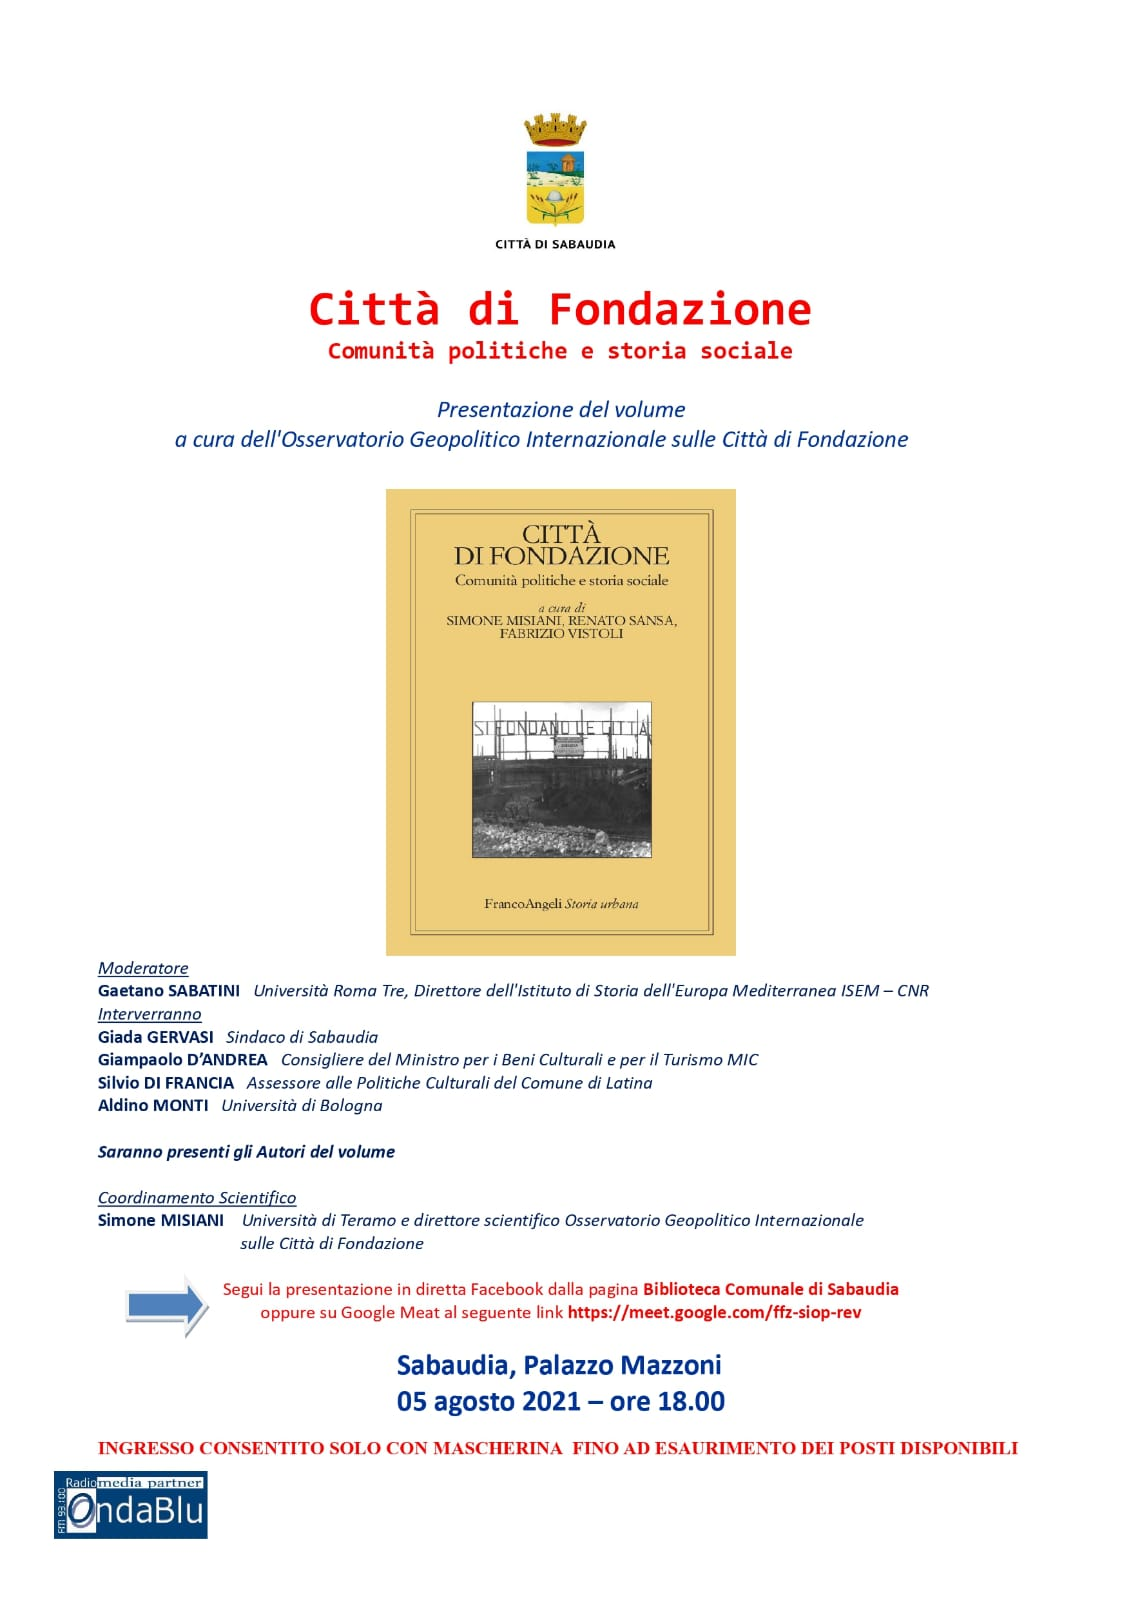 locandina Città di Fondazione